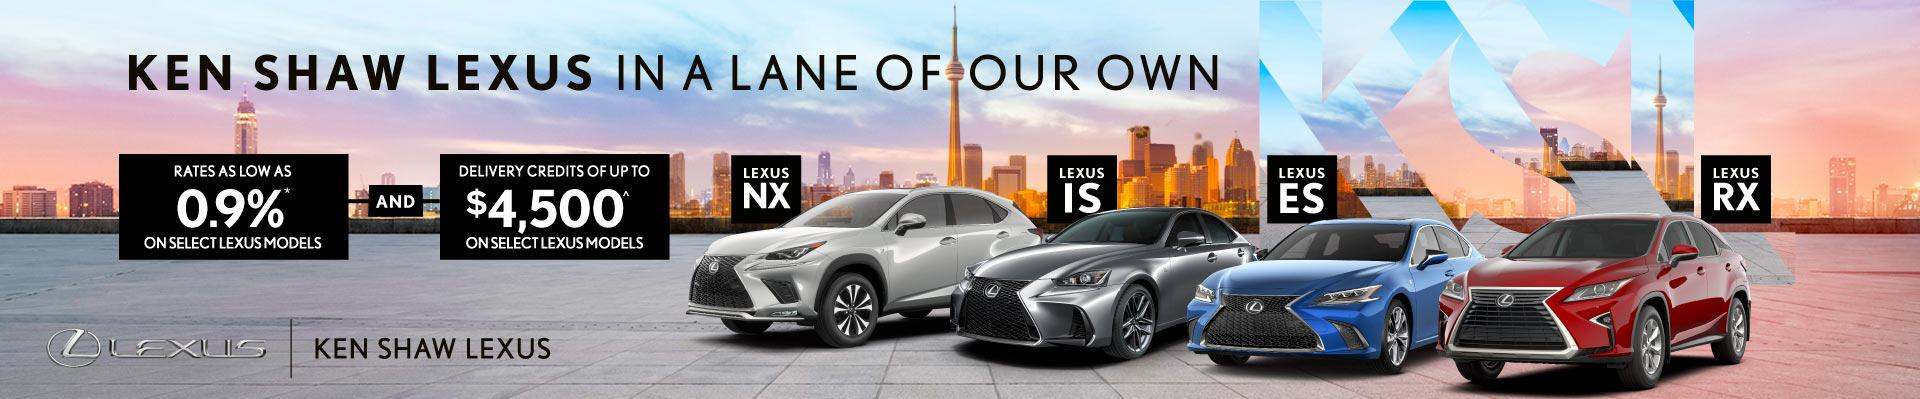 Lexus special offers promotion in Toronto Ontario GTA Ken Shaw Lexus